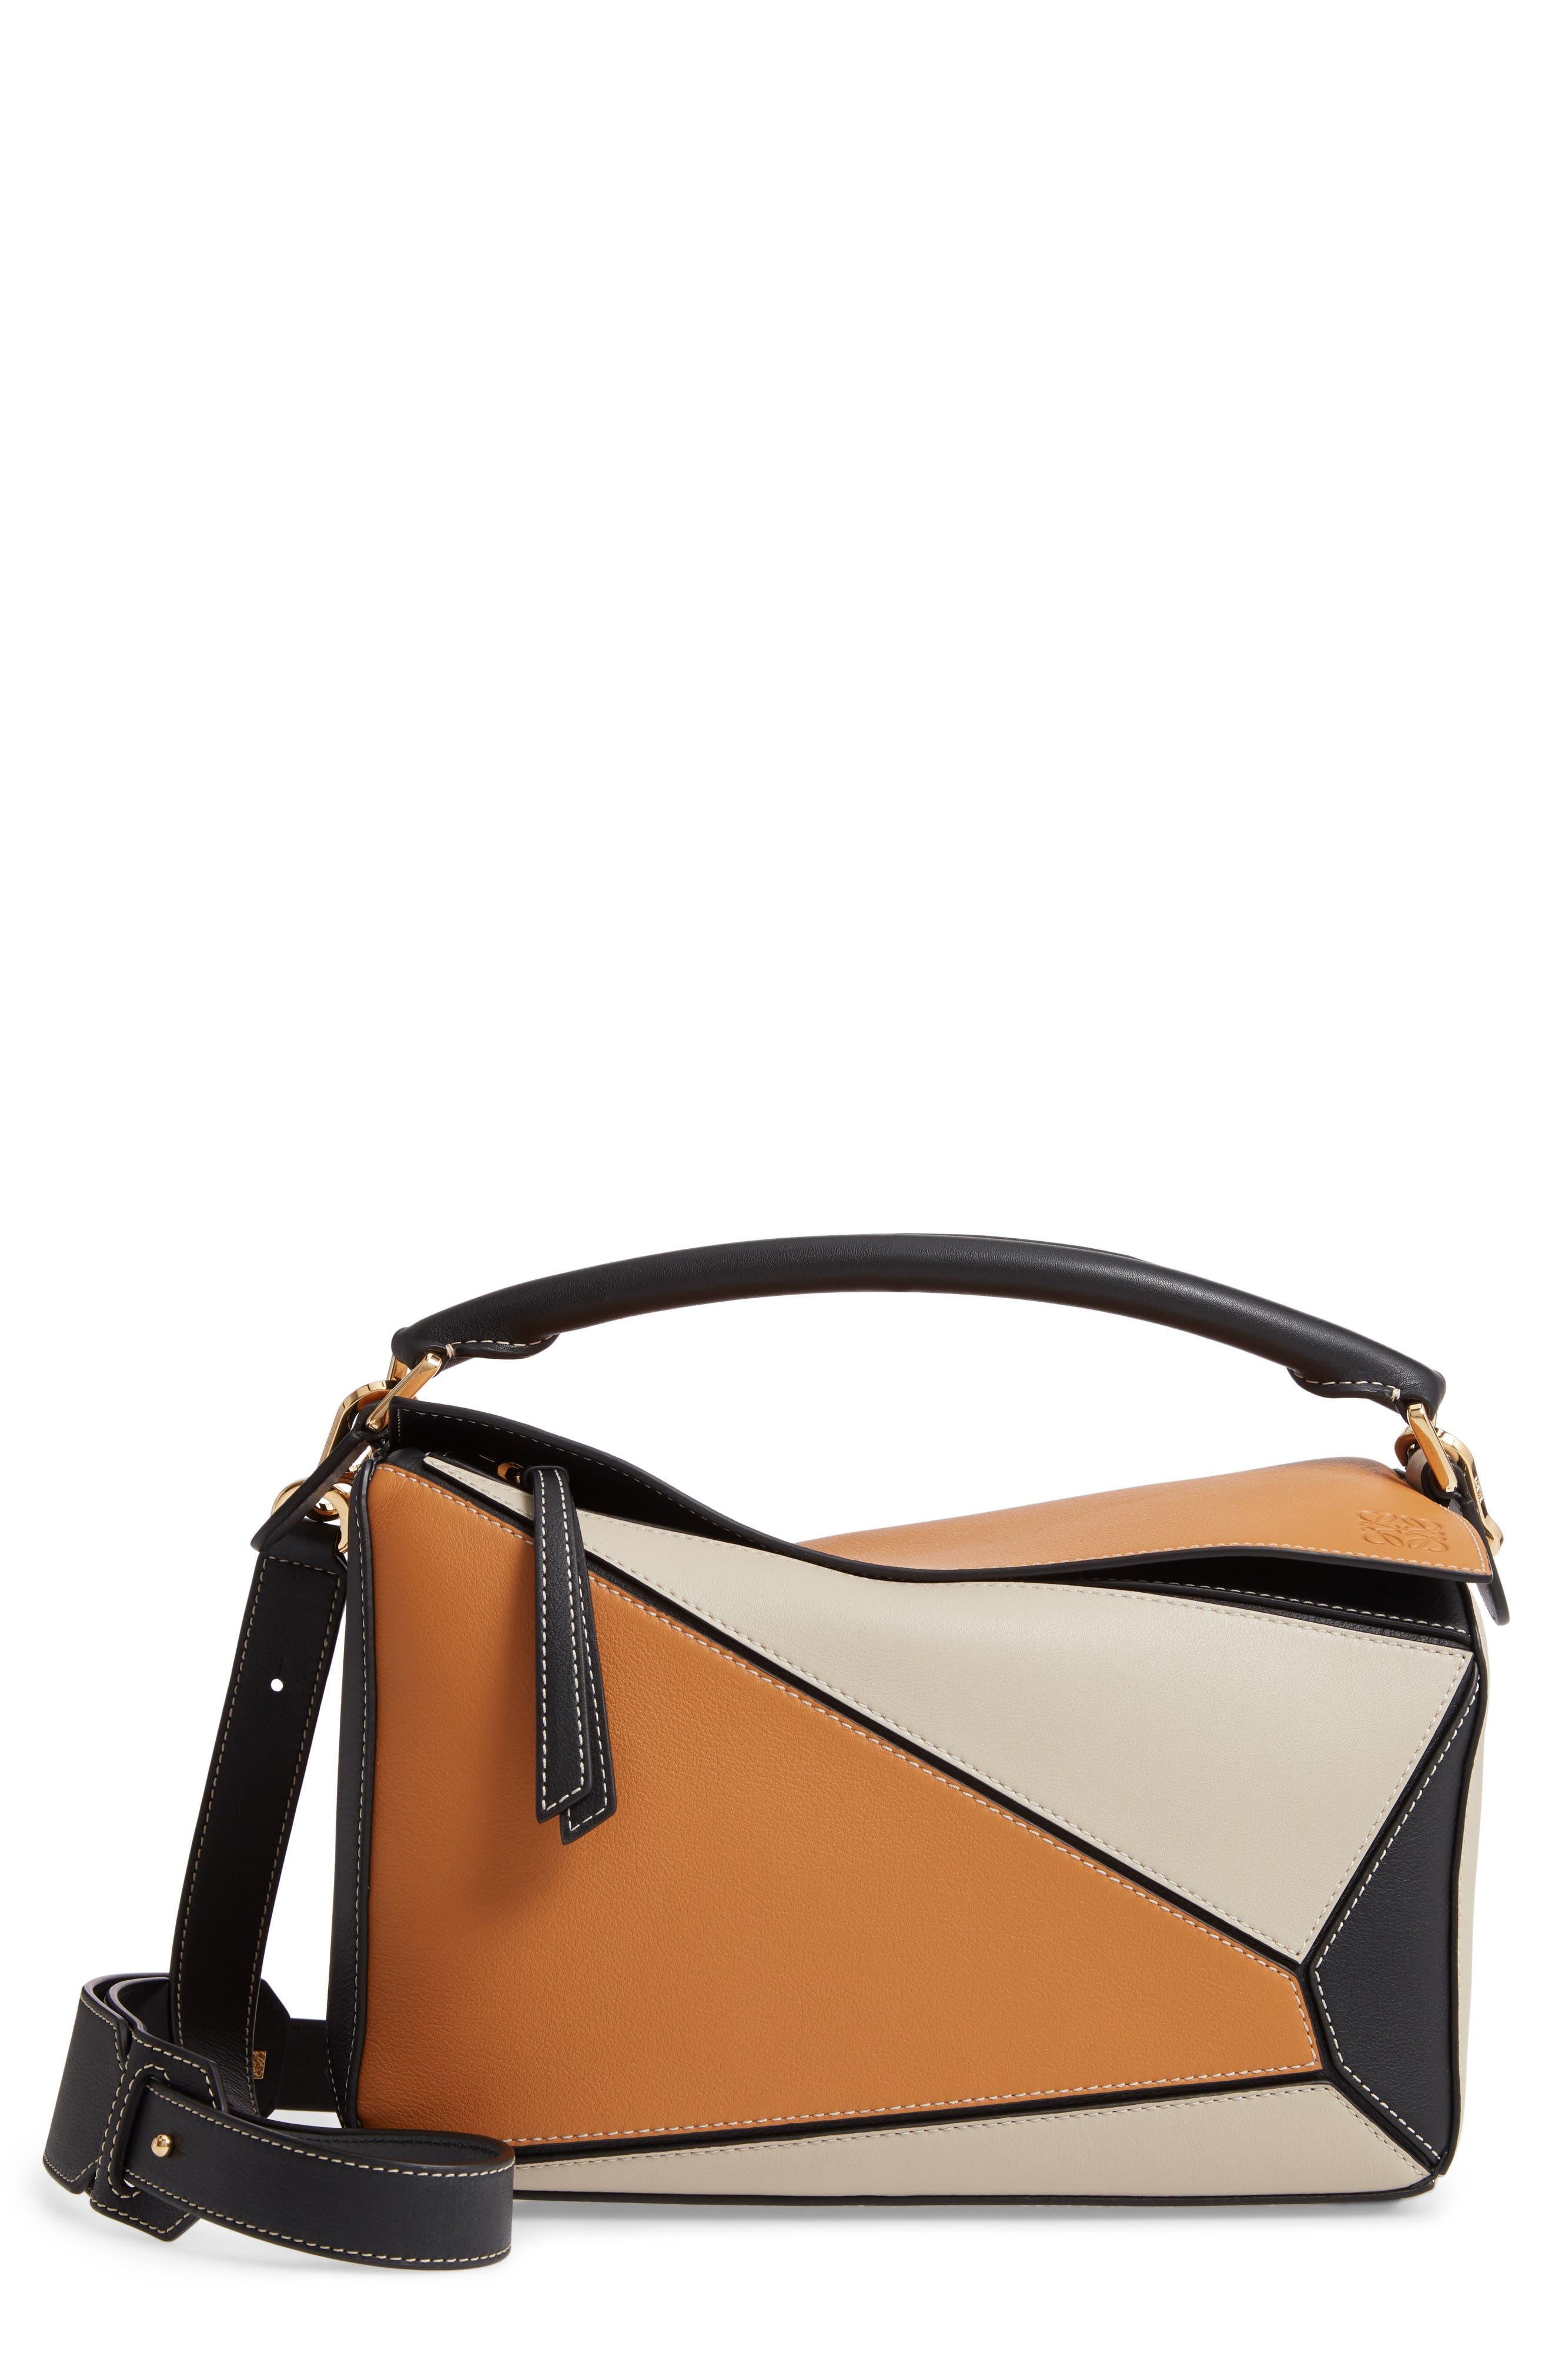 Loewe Puzzle Calfskin Leather Shoulder Bag   Nordstrom